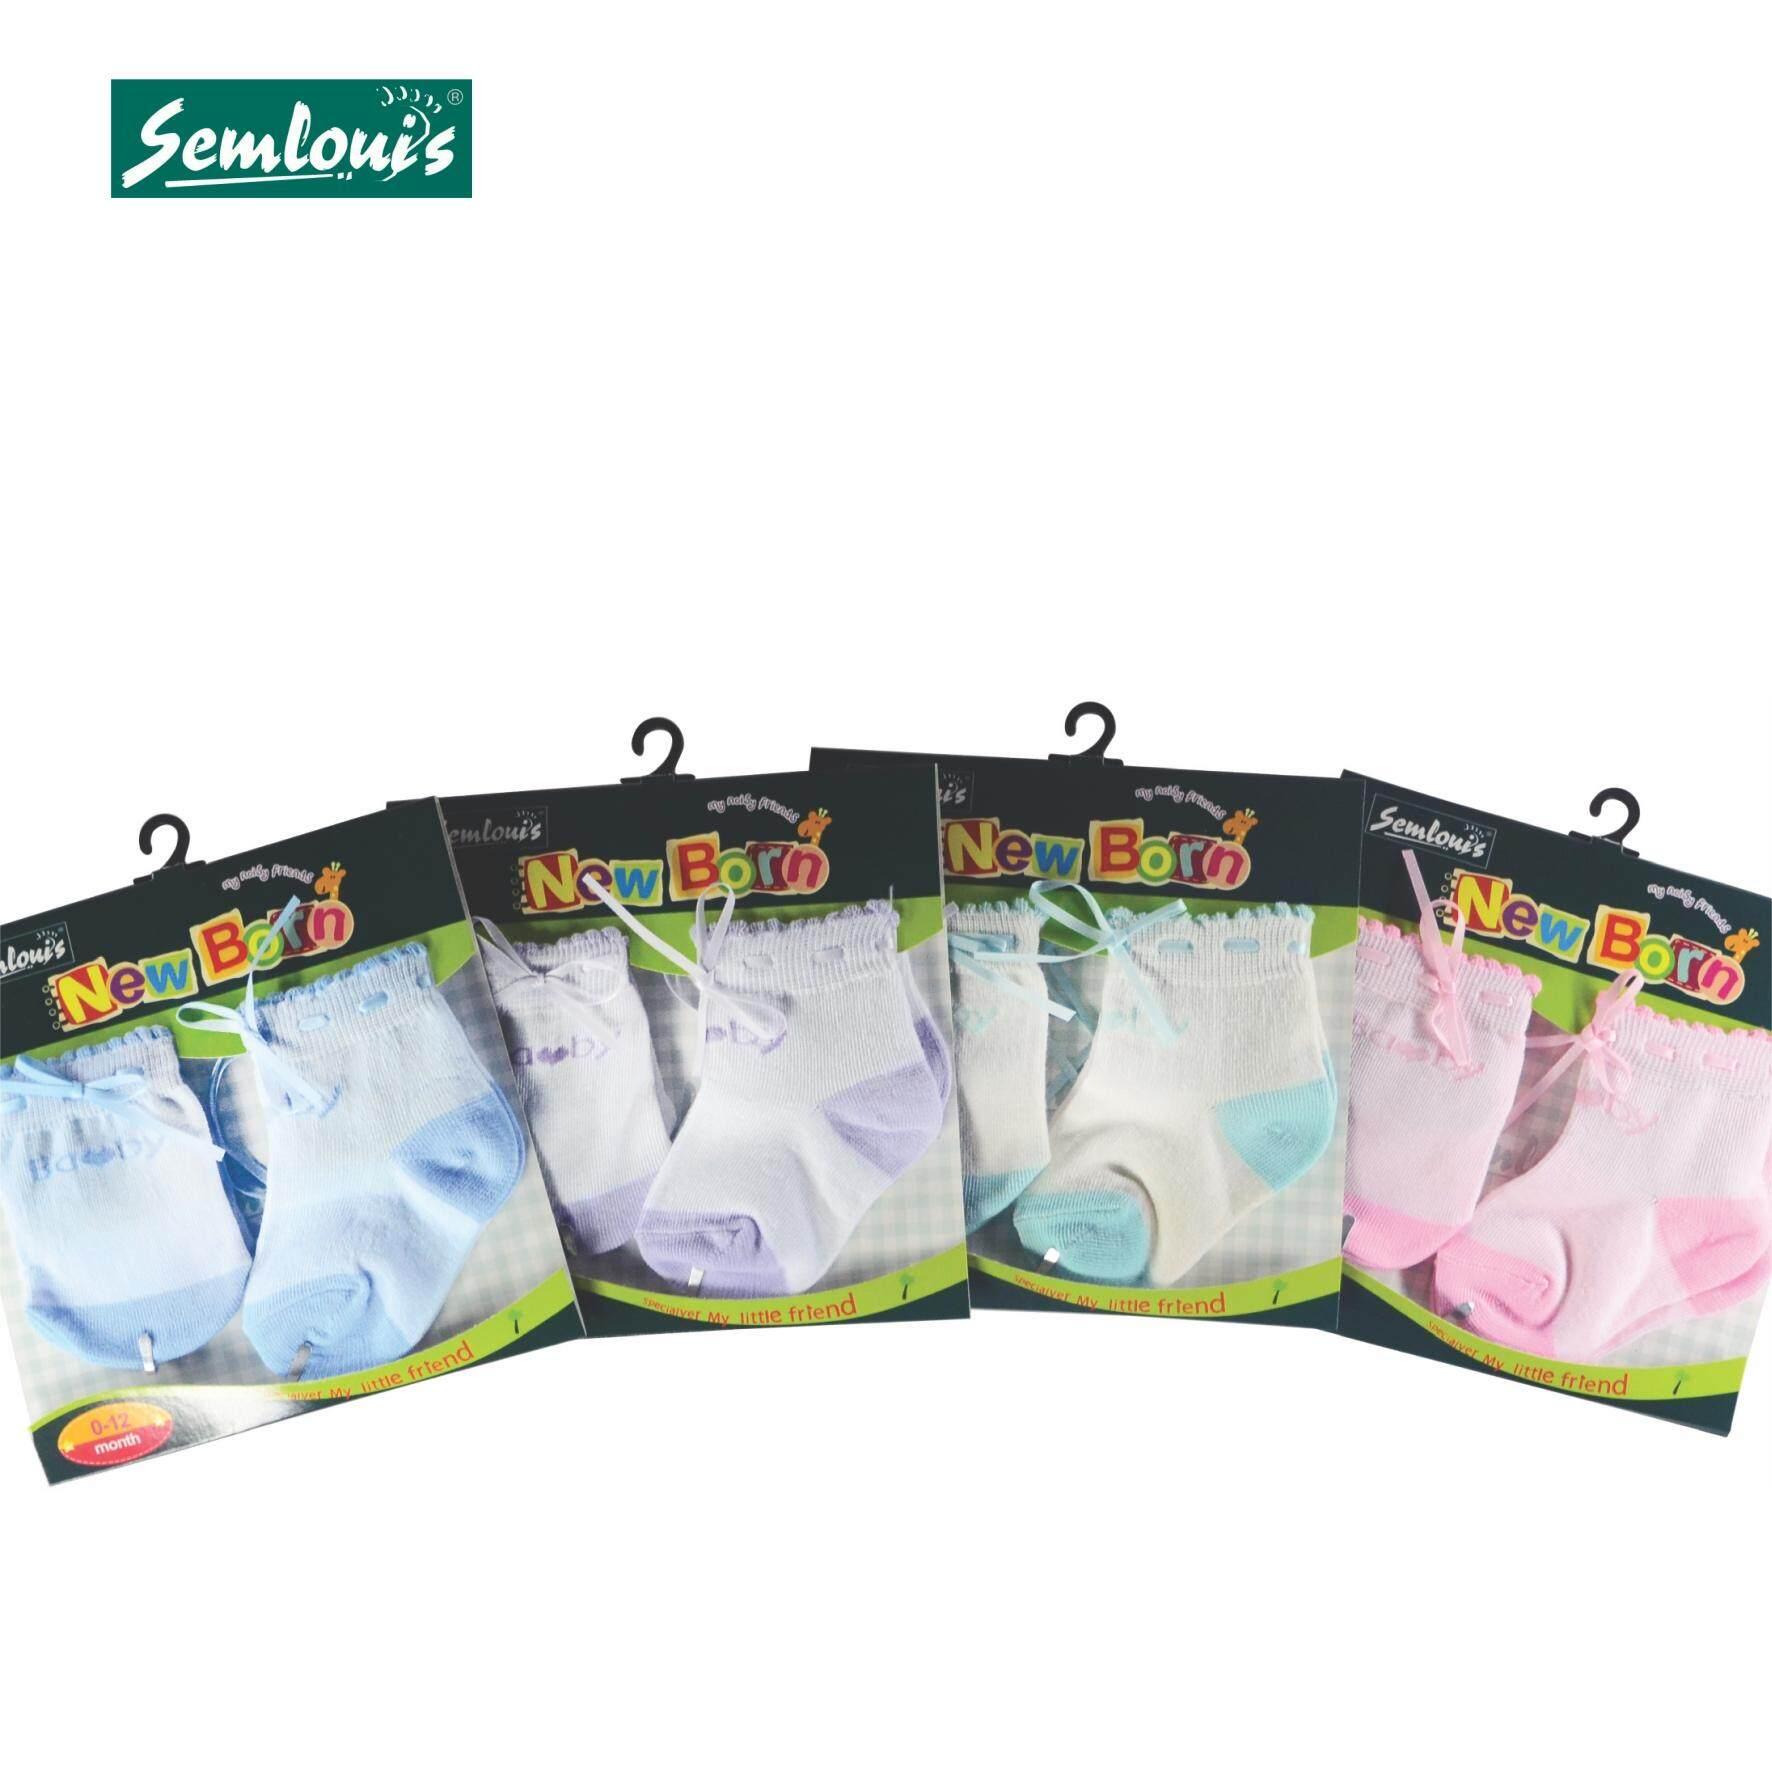 Semlouis Baby Newborn Mittens & Socks Set - (0-1yr) Baby / PAIRS